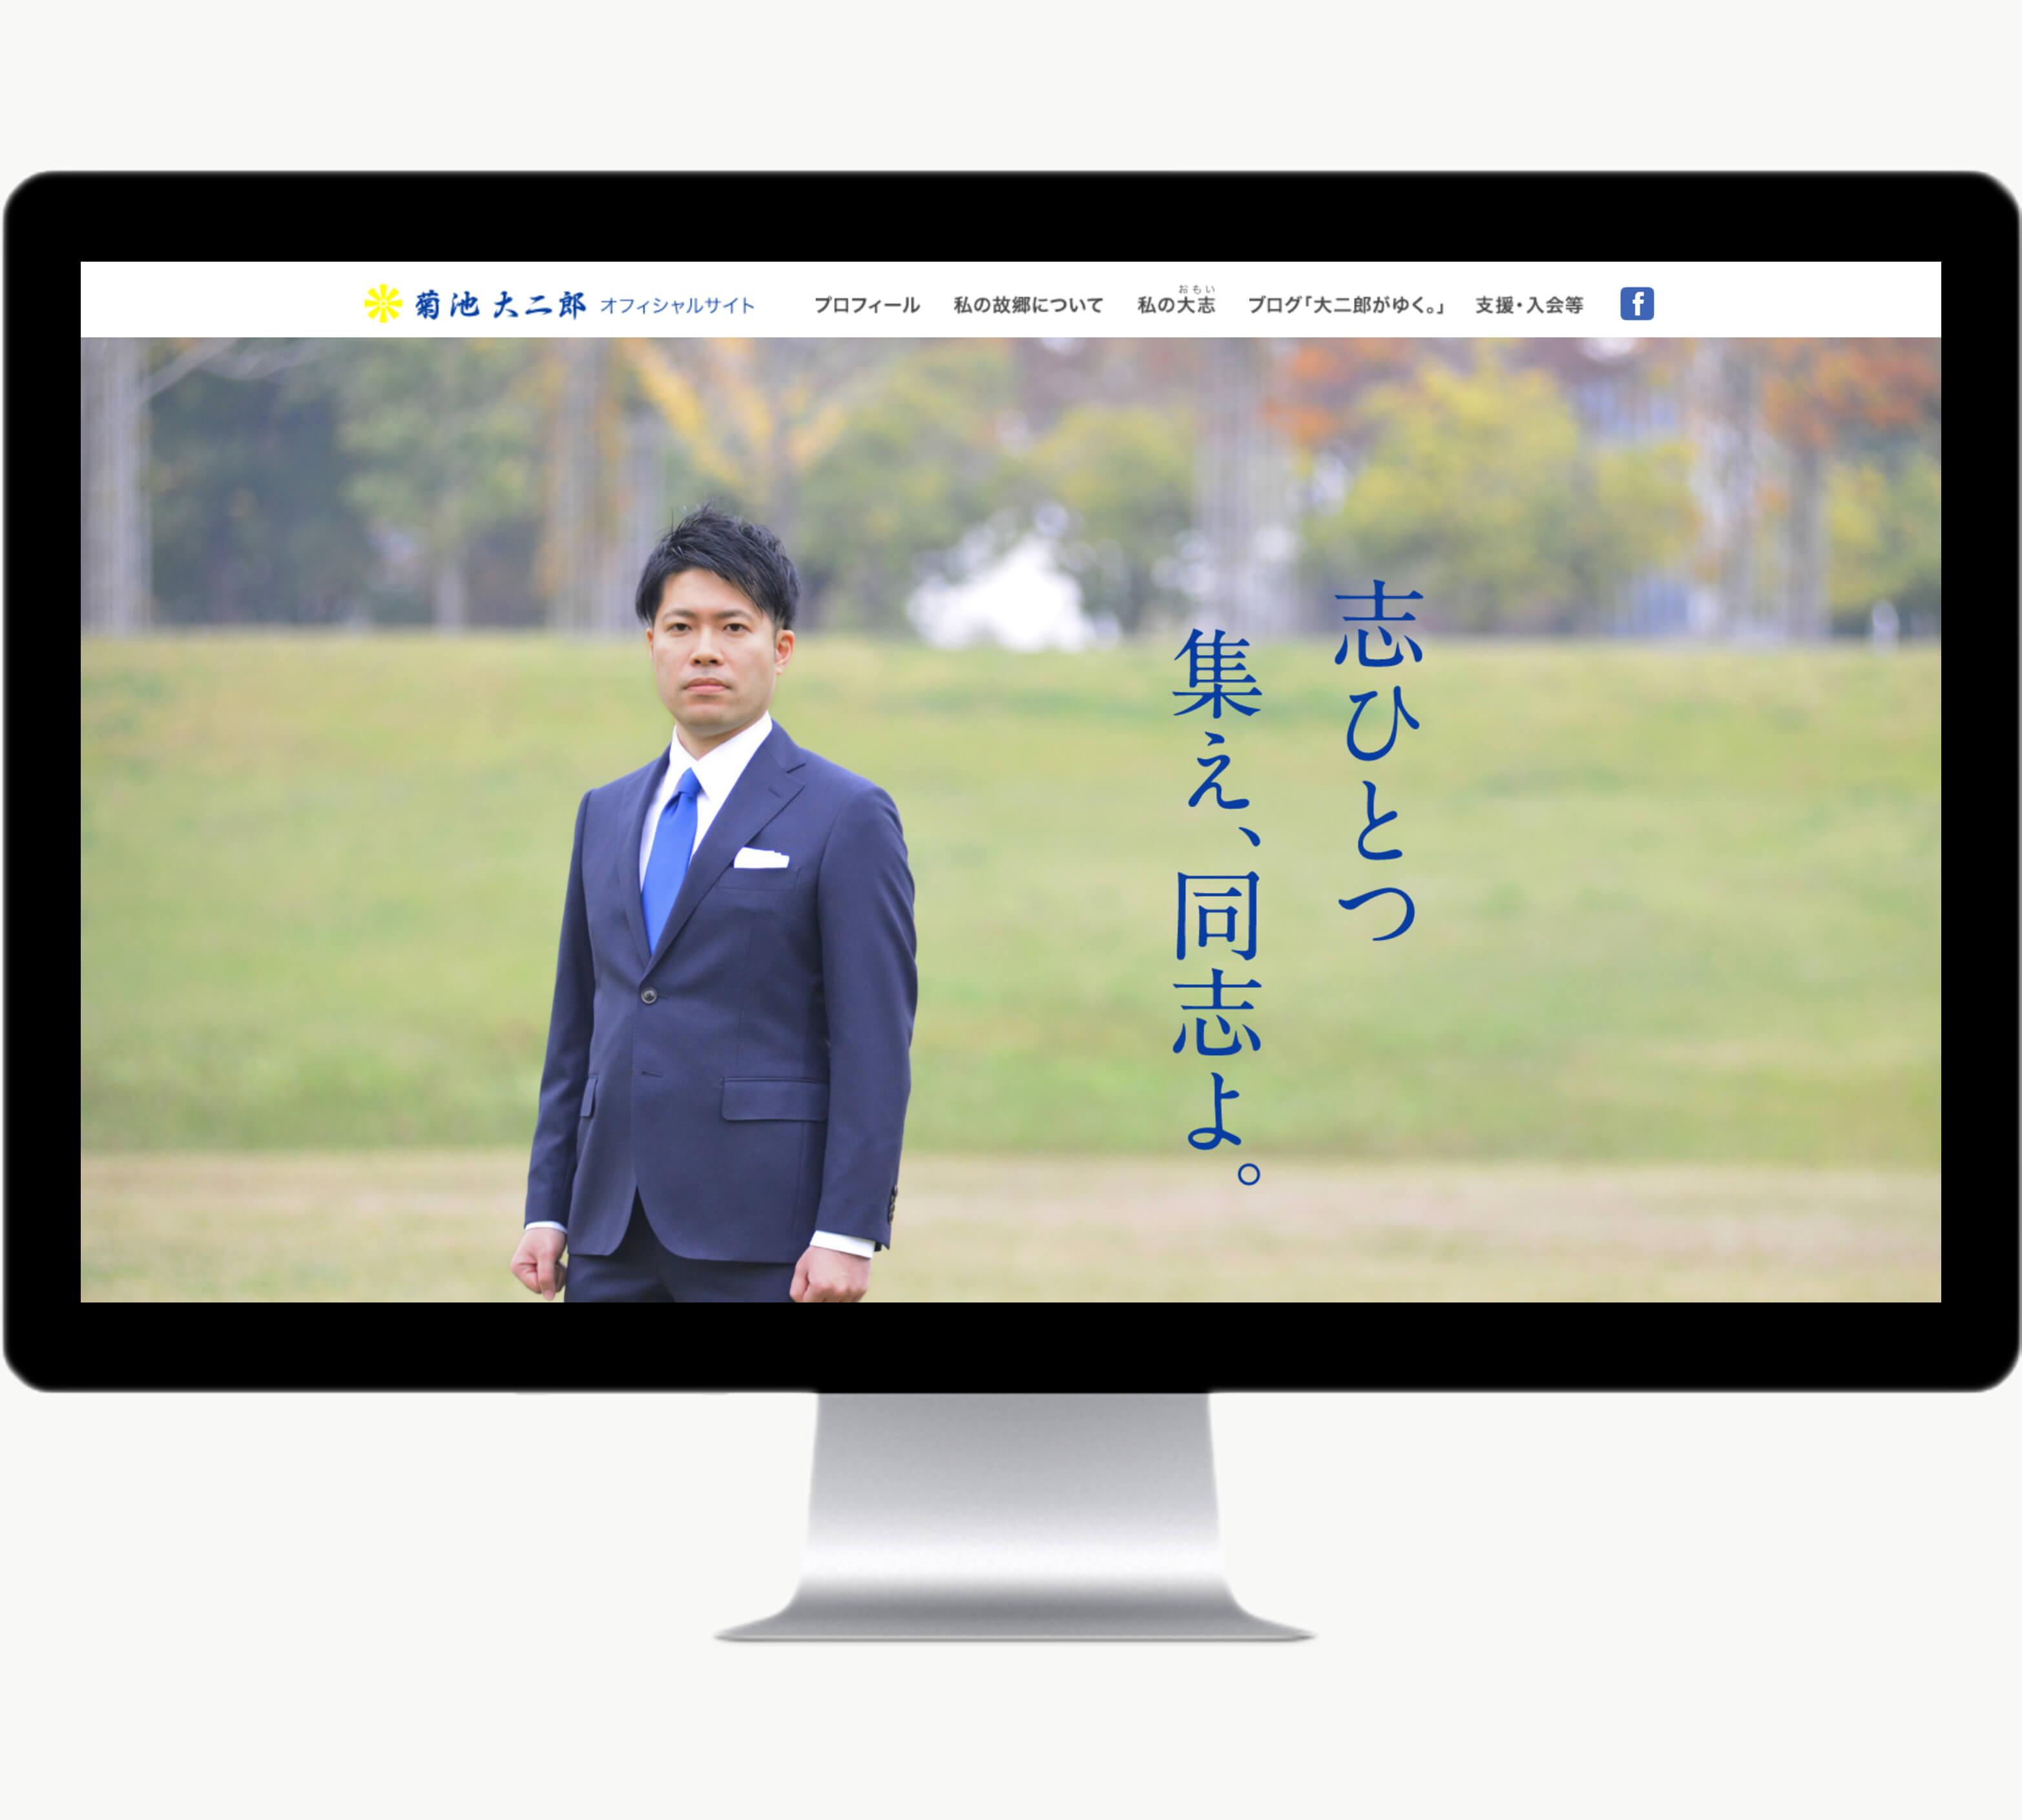 daijiroKikuchi